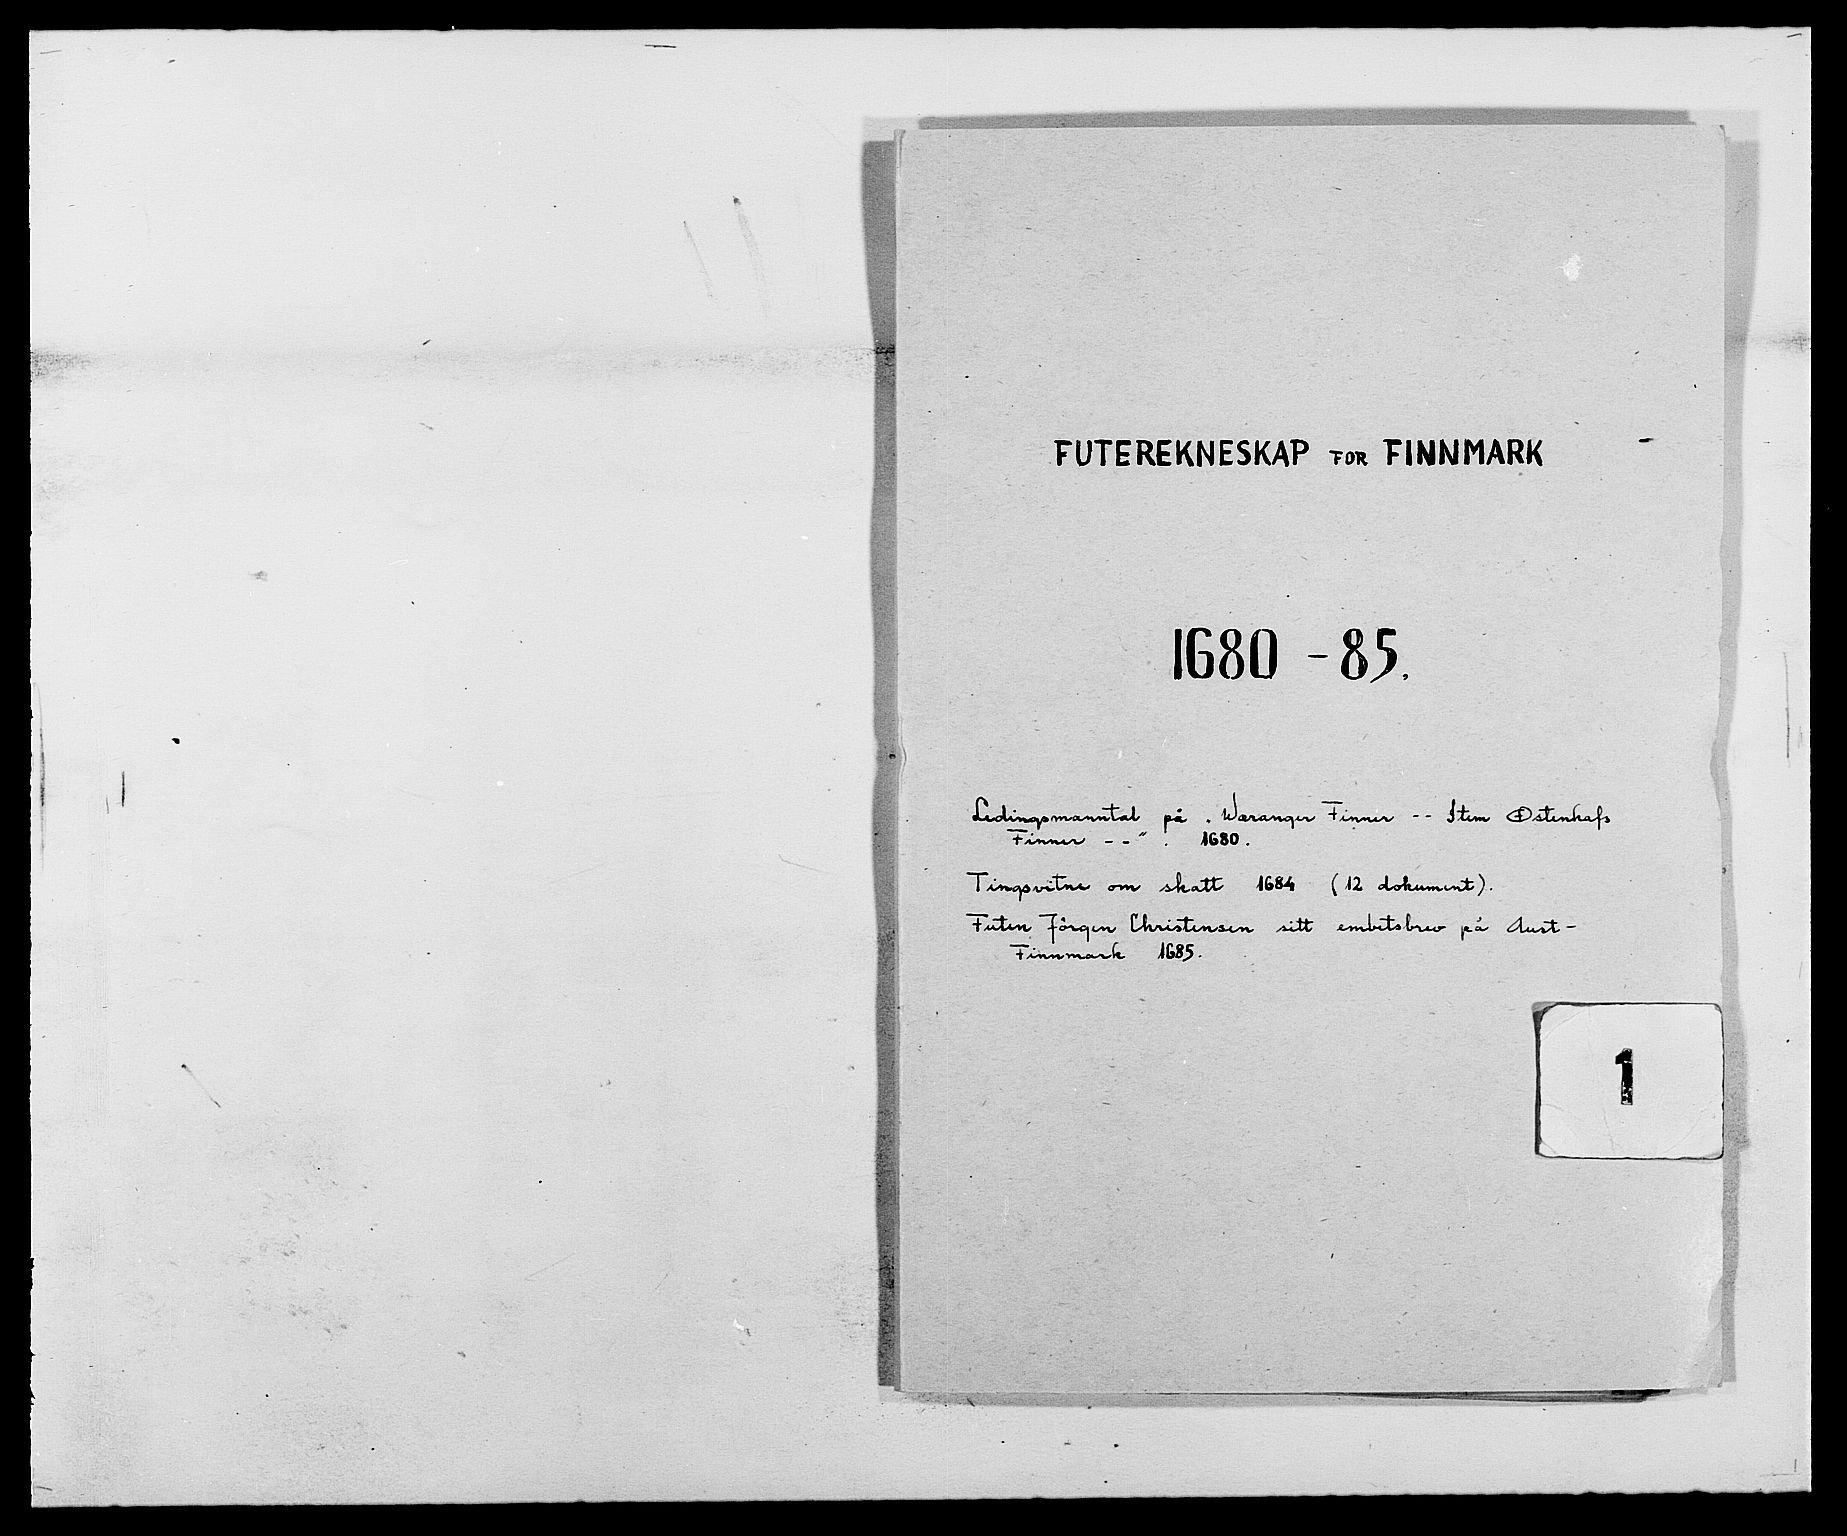 RA, Rentekammeret inntil 1814, Reviderte regnskaper, Fogderegnskap, R69/L4850: Fogderegnskap Finnmark/Vardøhus, 1680-1690, s. 1